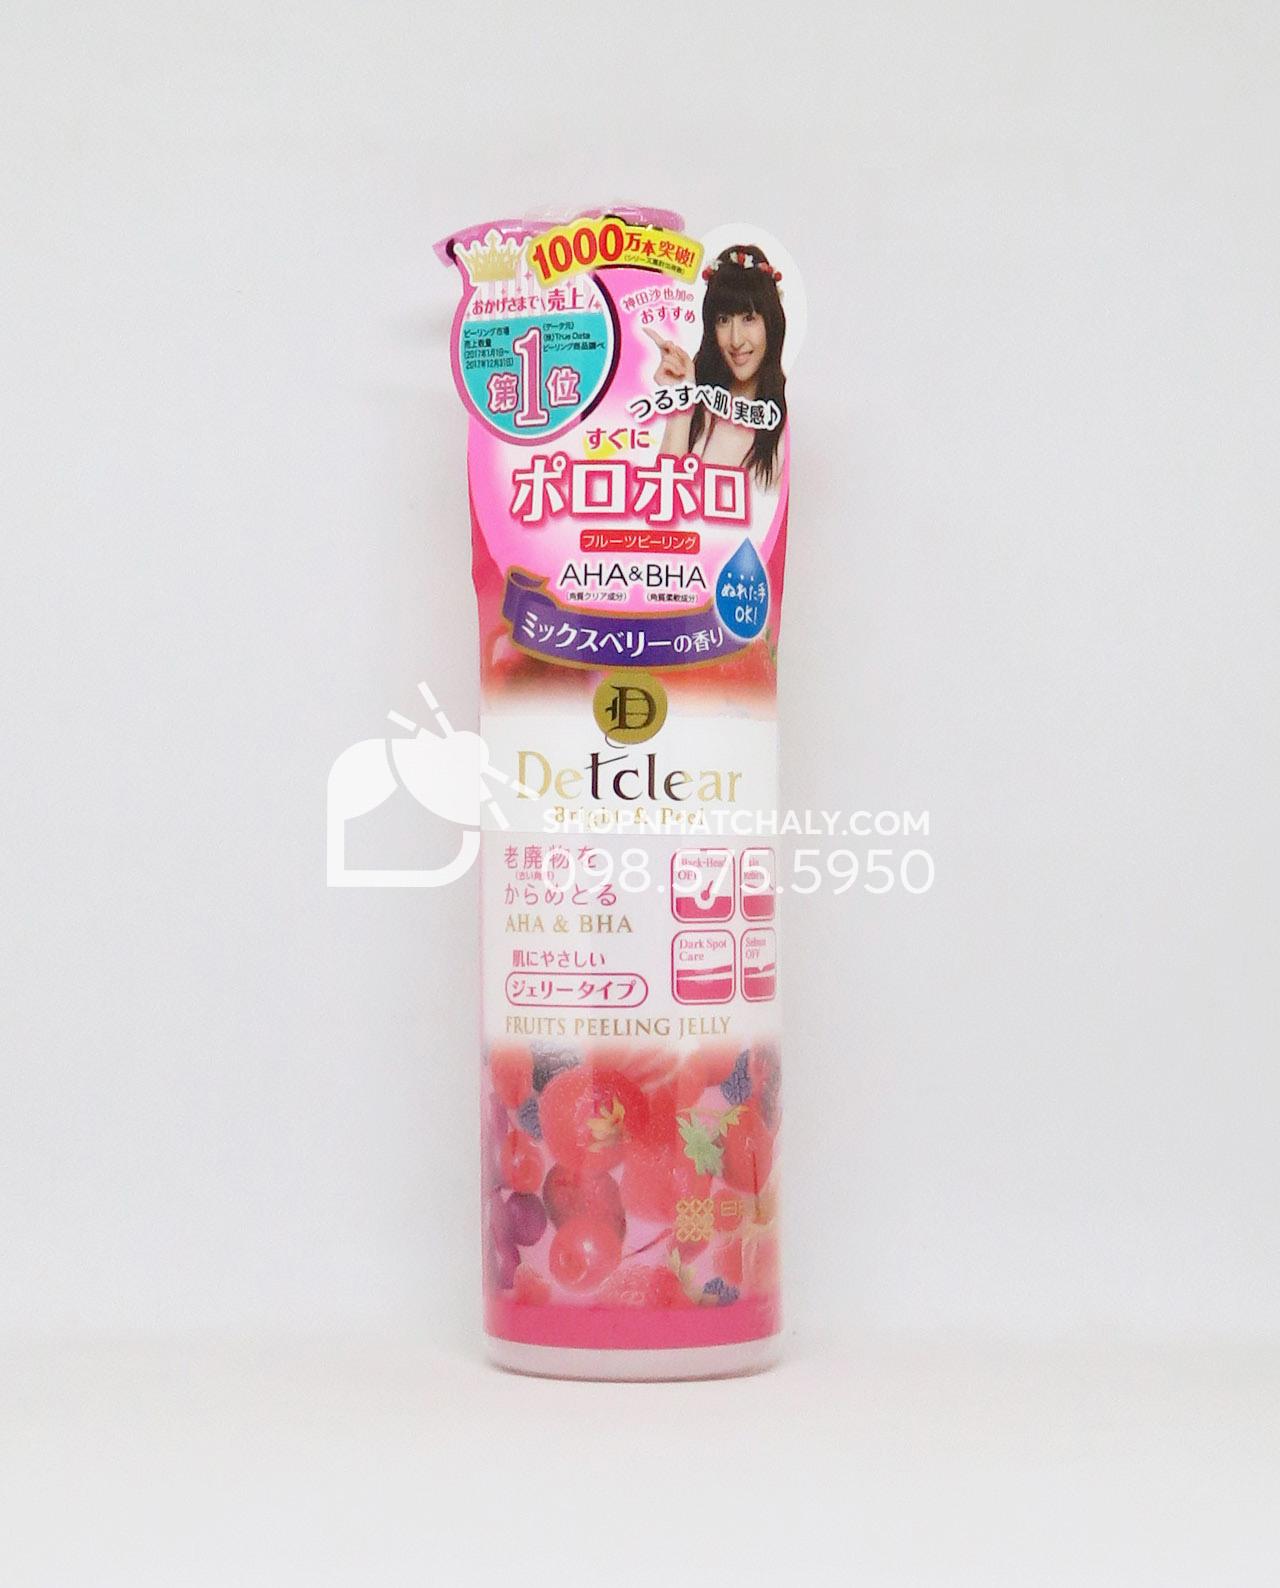 Bạn gái trẻ thích một chút mùi hương trái cây ngọt ngào thì chai tẩy da chết Detclear hot peeling jelly màu đỏ hương dâu berry sẽ phù hợp